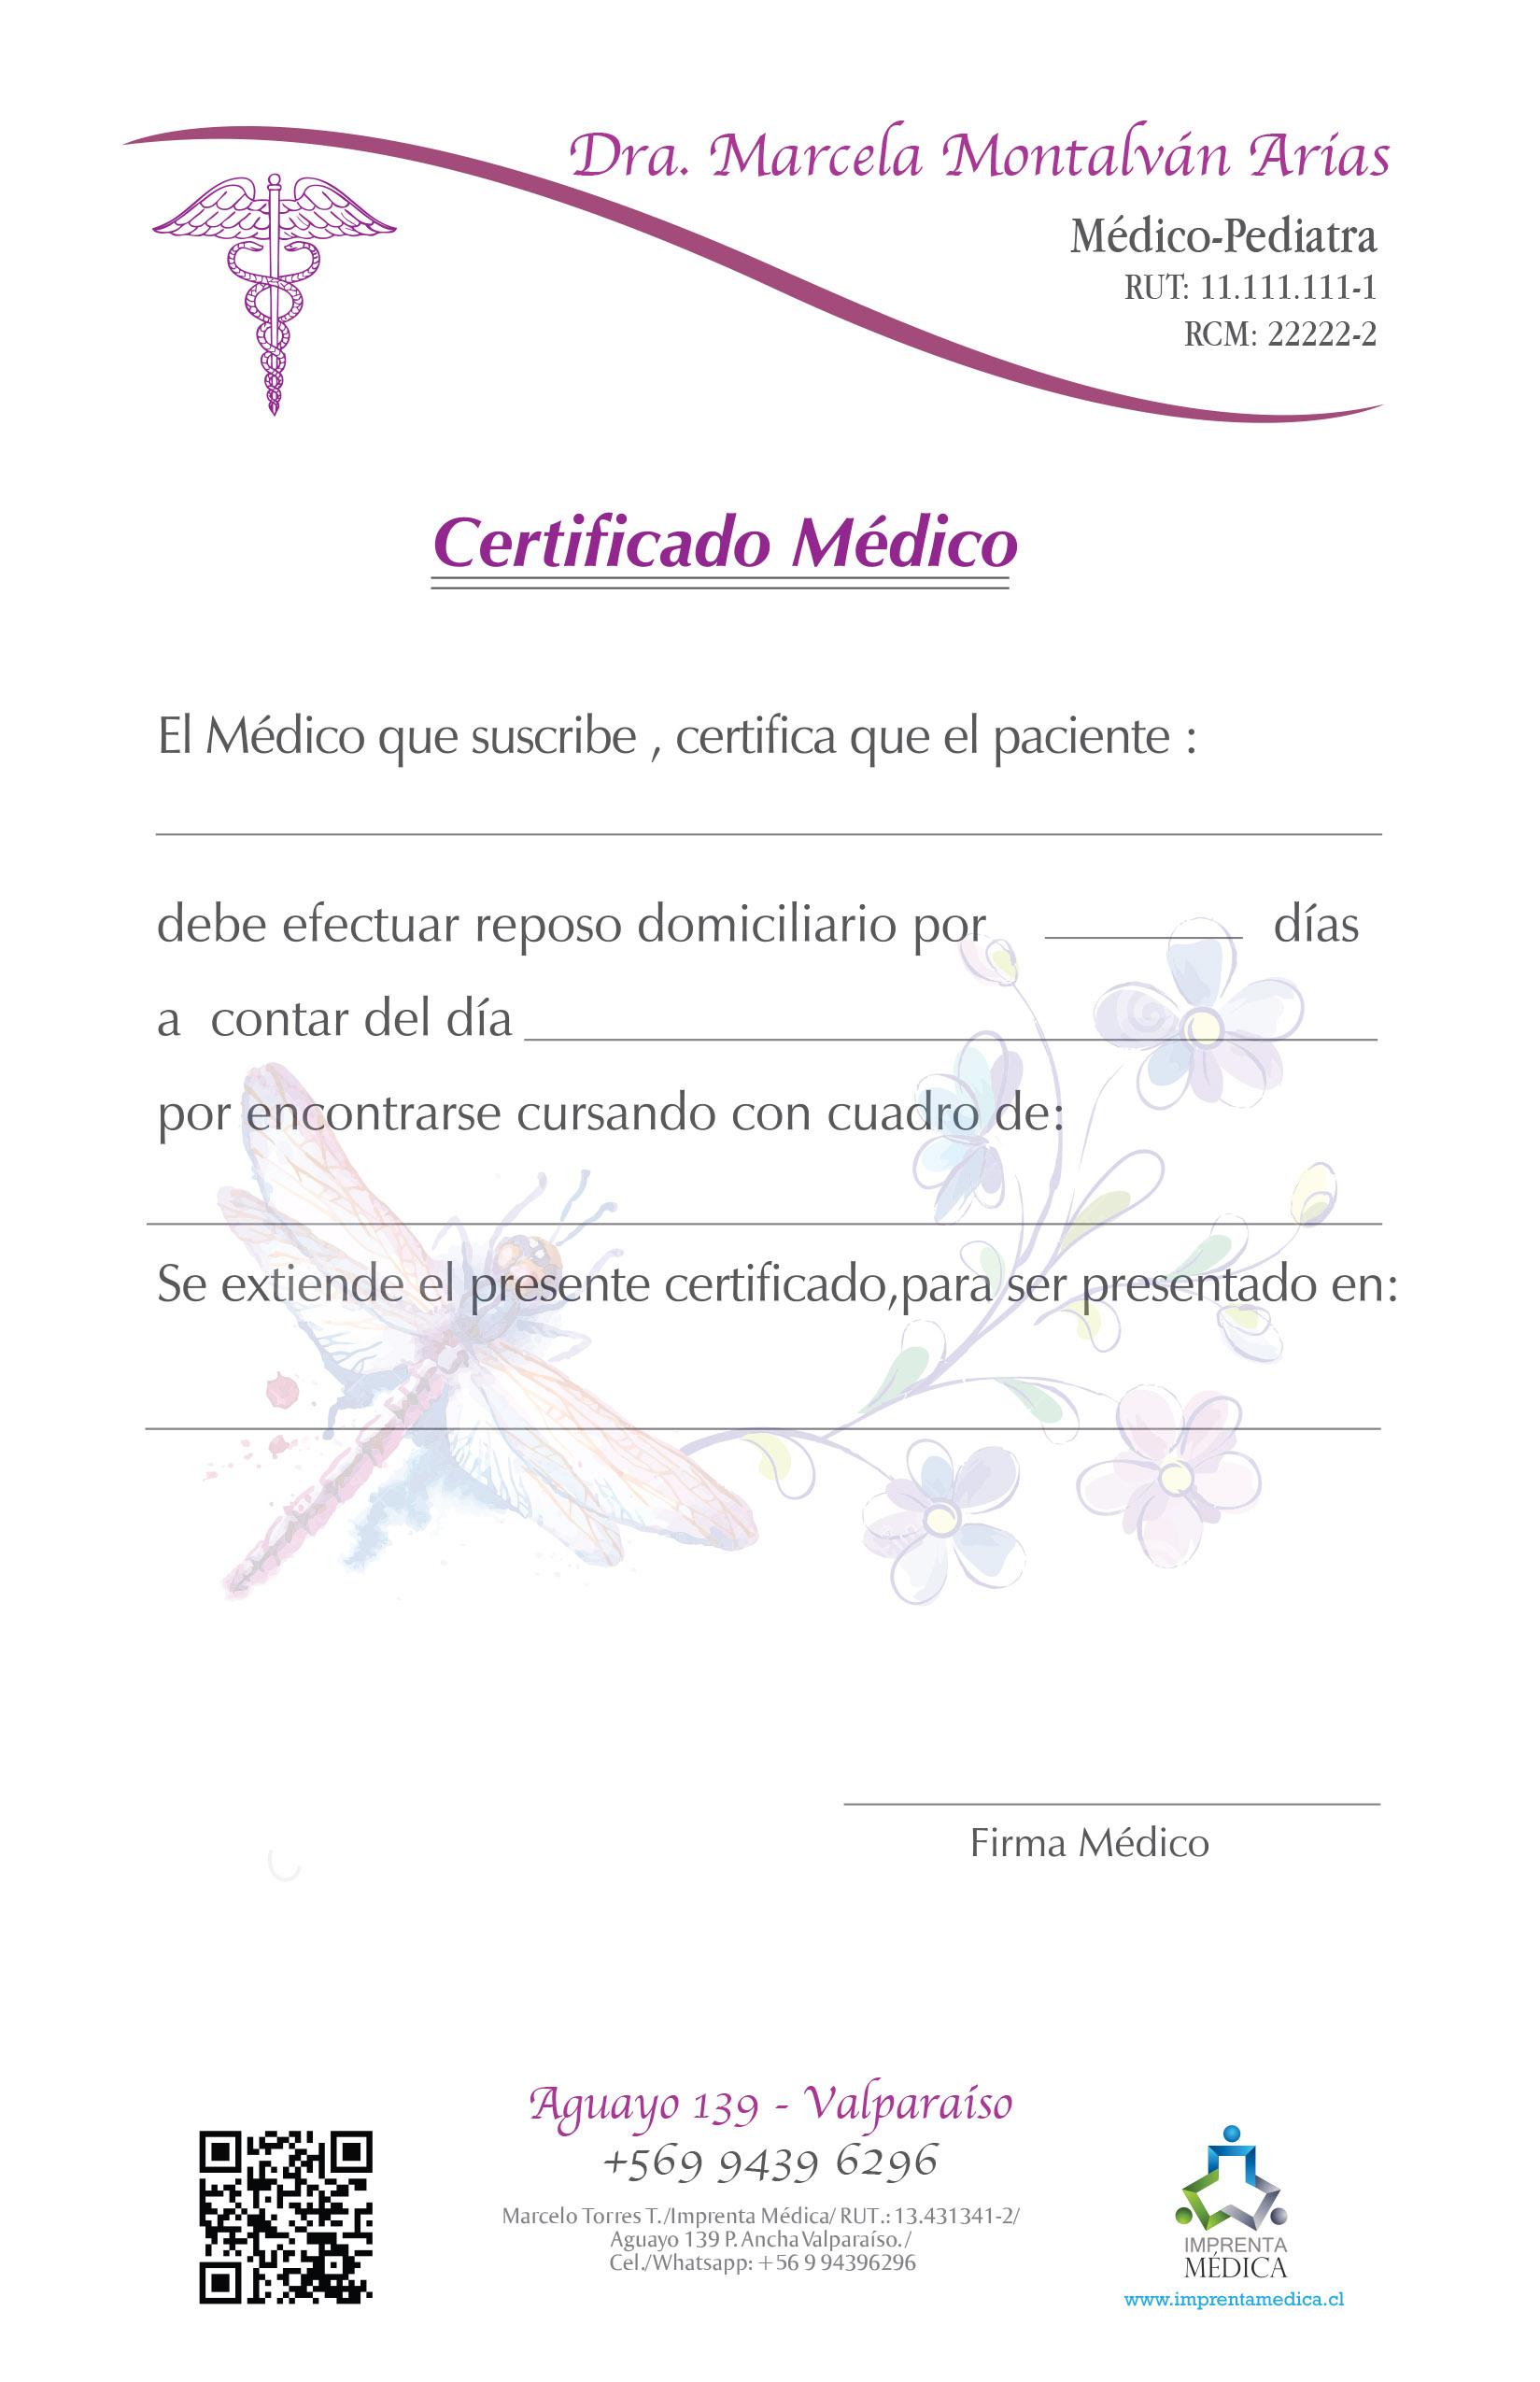 Moderno Codificador Médico Certificado Elaboración - Anatomía de Las ...